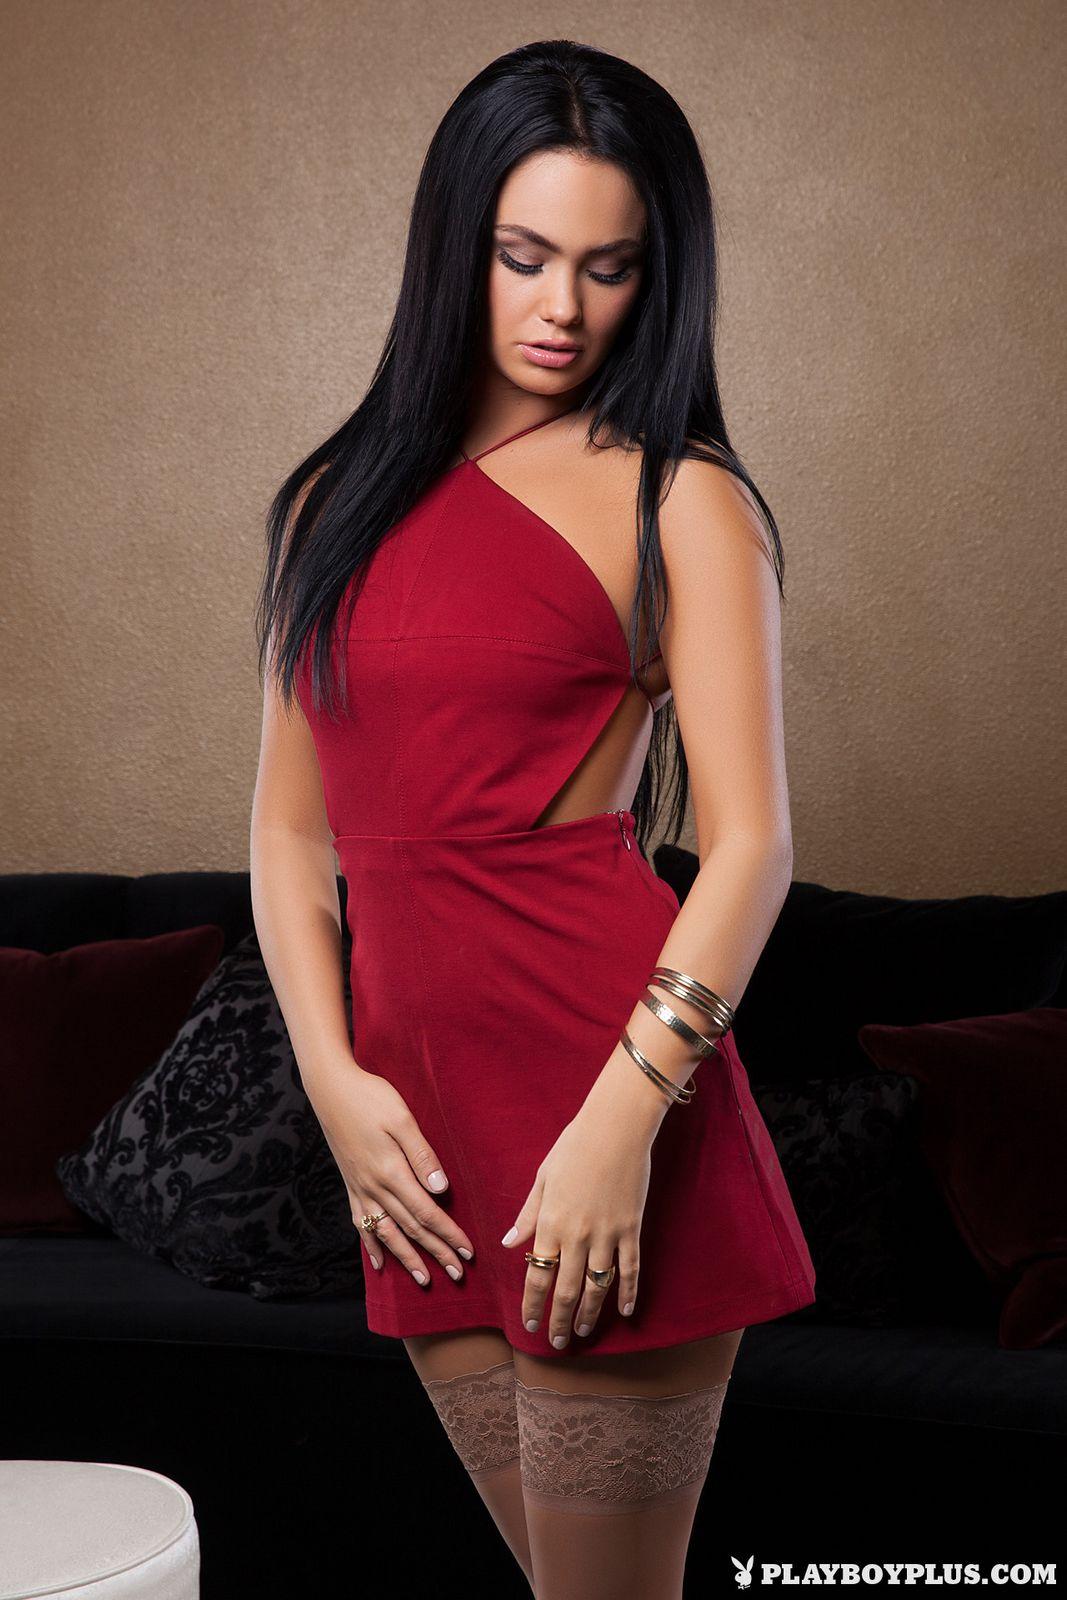 Кристи Тейлор сбросила красное платье